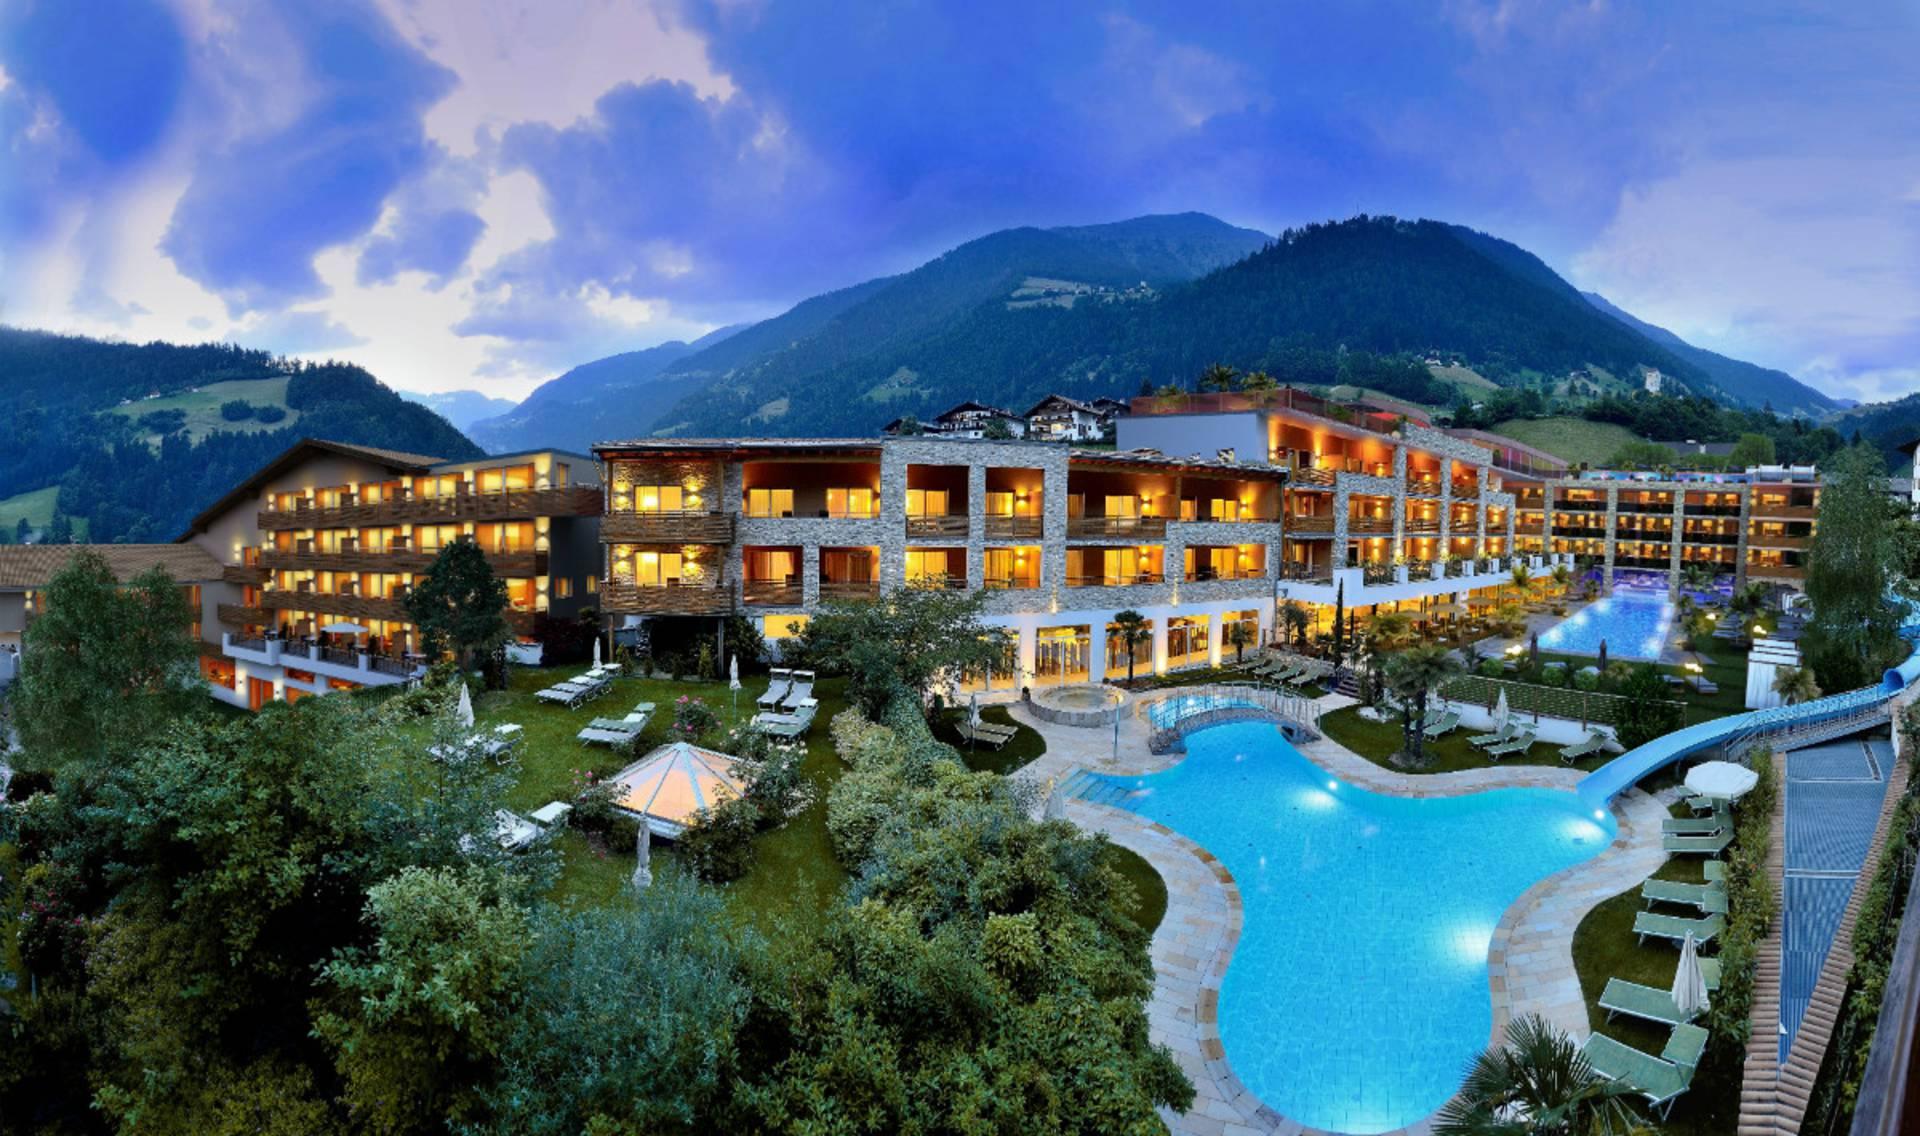 Unser Hotel In Sudtirol Willkommen Im Stroblhof